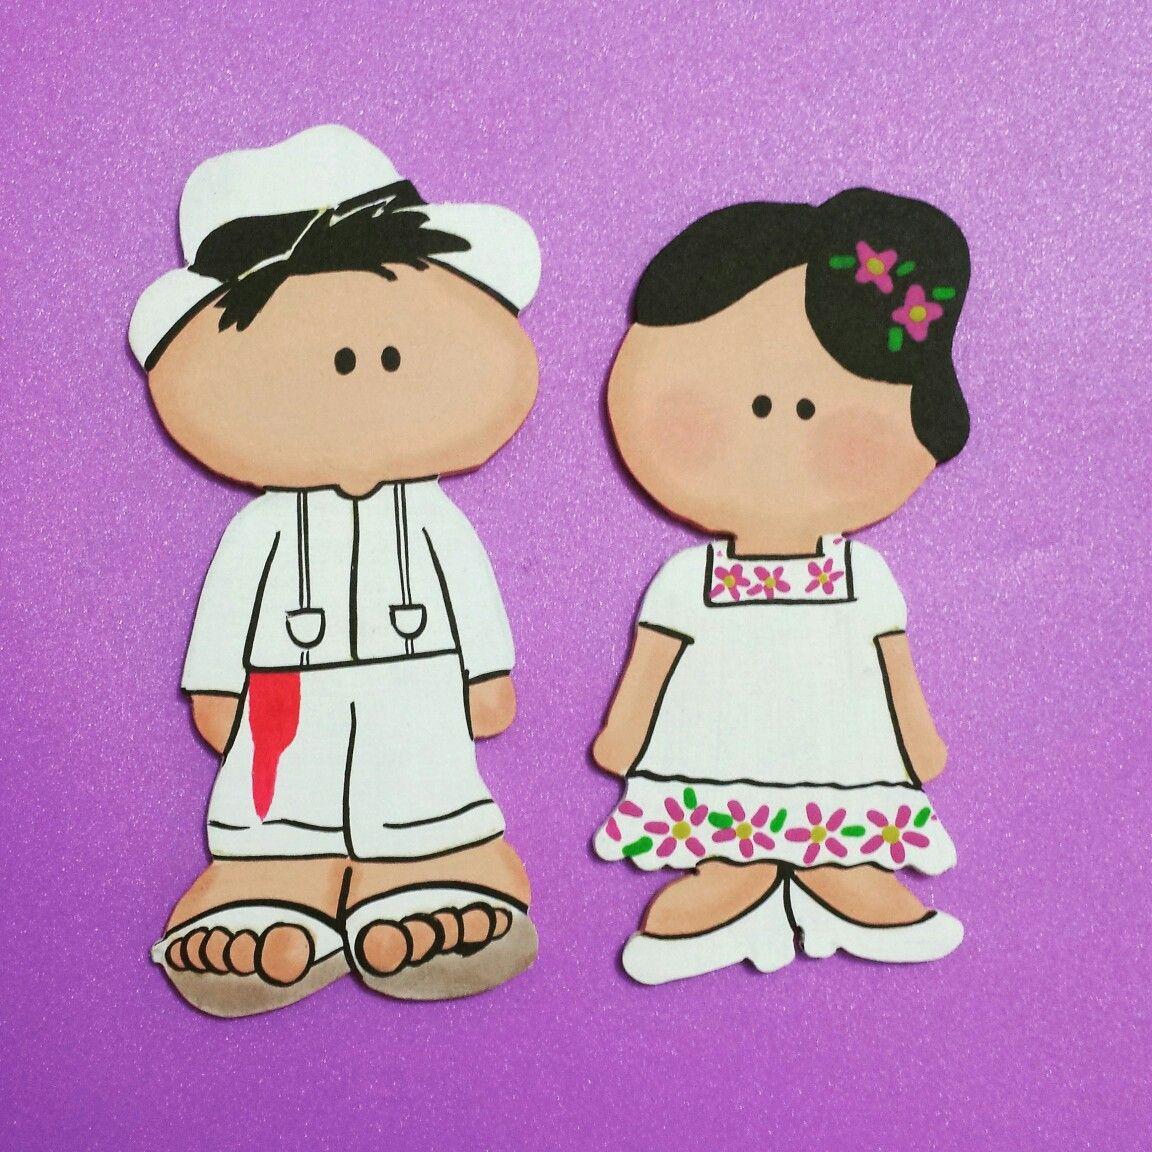 Free embroidery designs cute embroidery designs - Peque 241 As Siluetas En Mdf Mestizos Mis Trabajos Pinterest